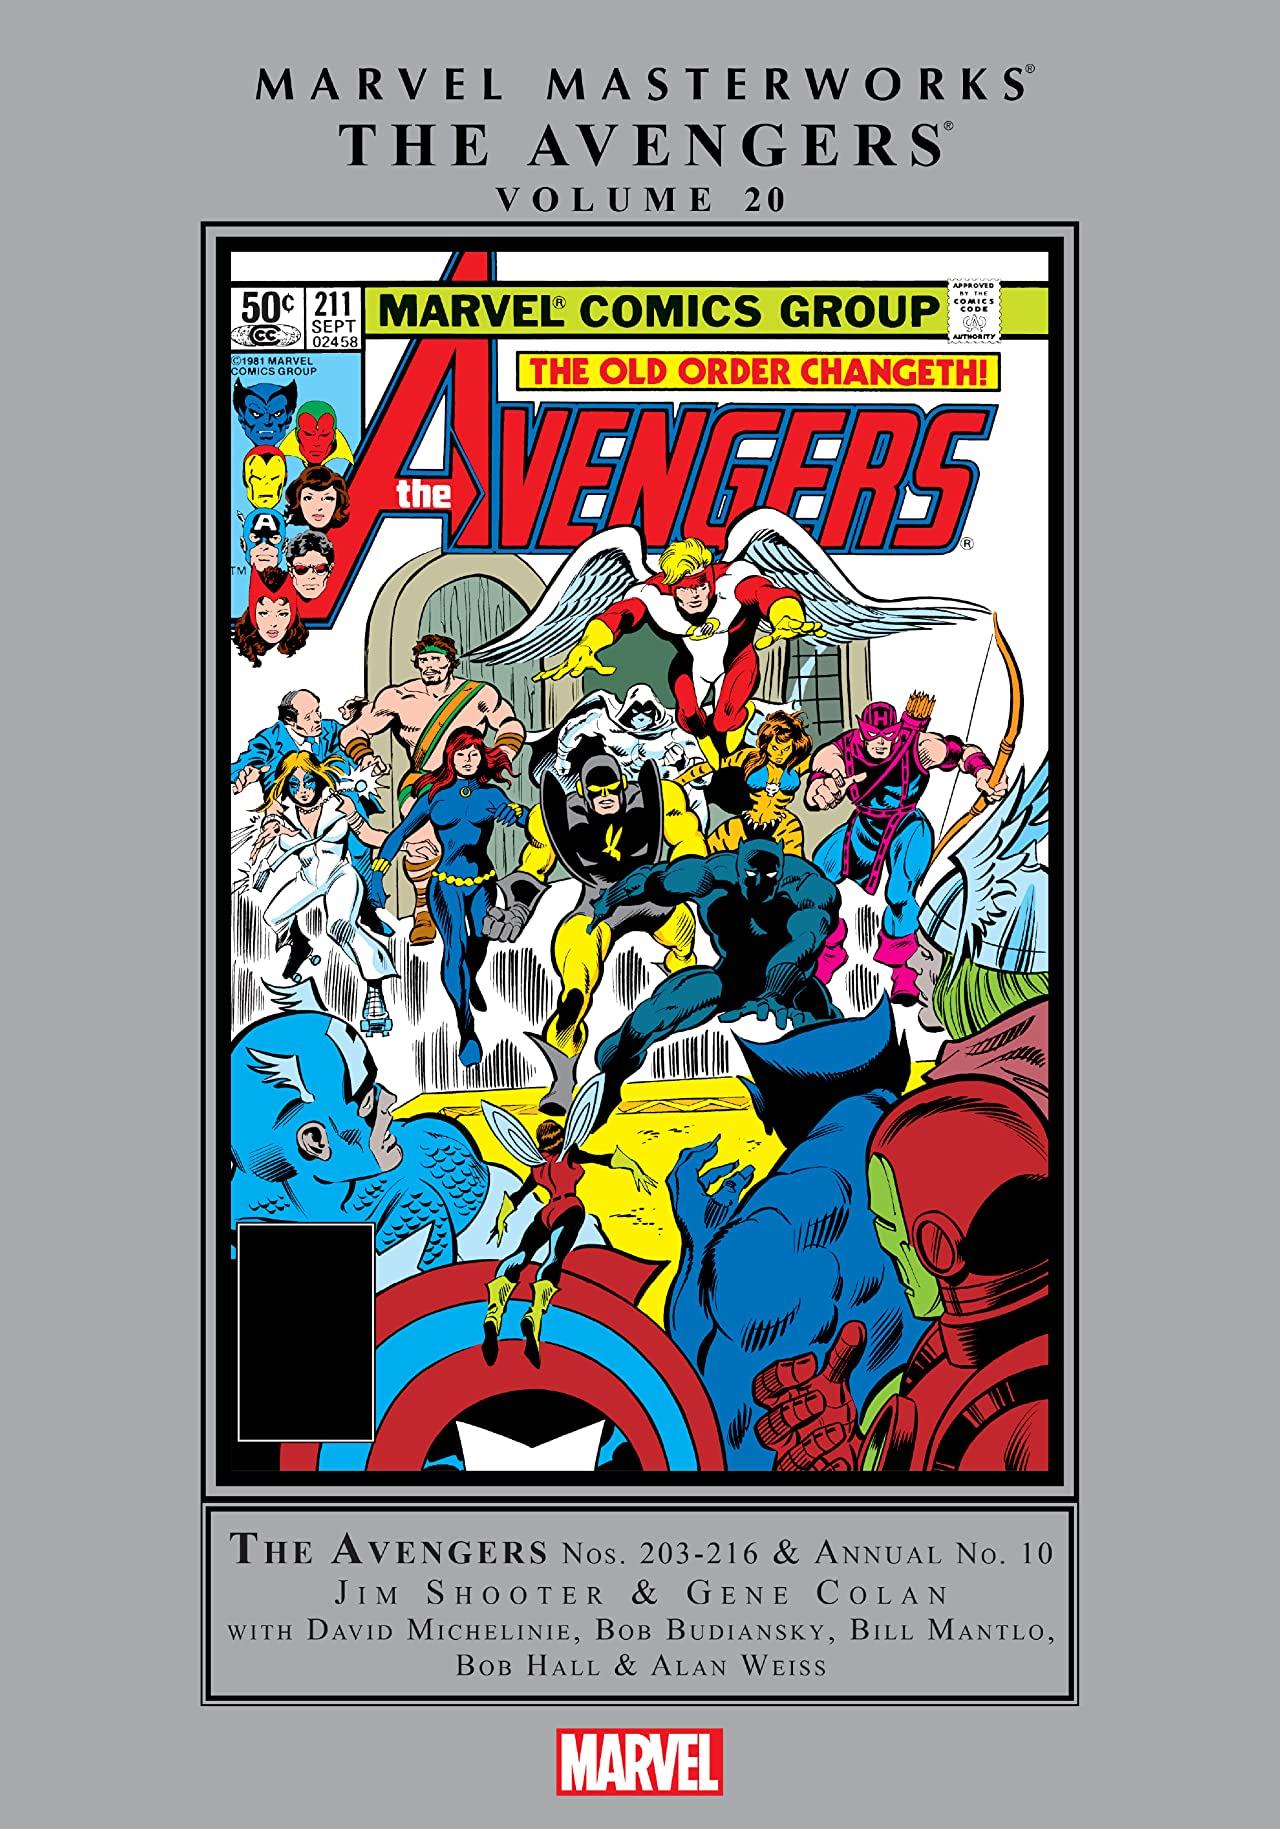 Marvel Masterworks: The Avengers Vol. 20 (Hardcover)